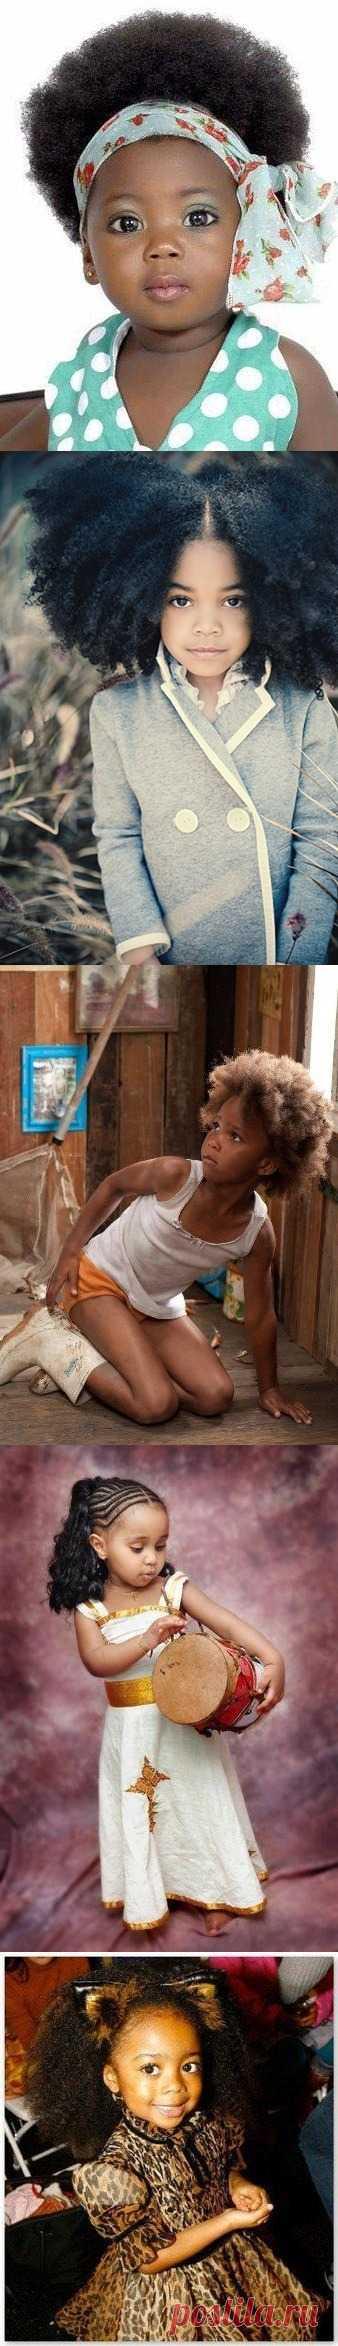 Юные красотки с африканскими корнями